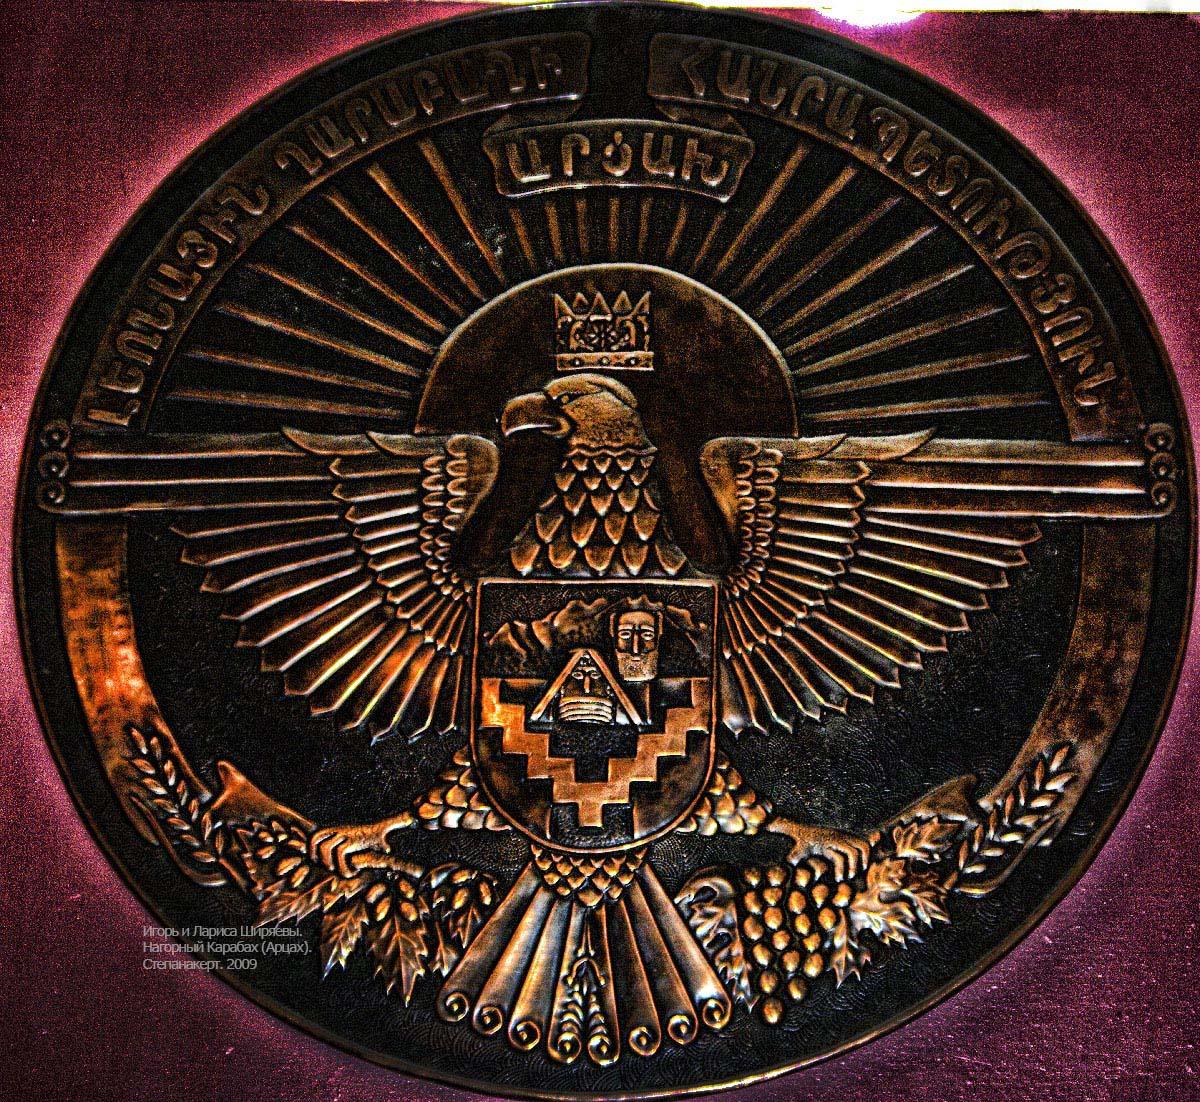 Степанакерт - столица Нагорного Карабаха (Арцаха) - Интересный Мир:  путешествия, туризм, психология, наука, техника, интересное в мире, юмор,  история, культура